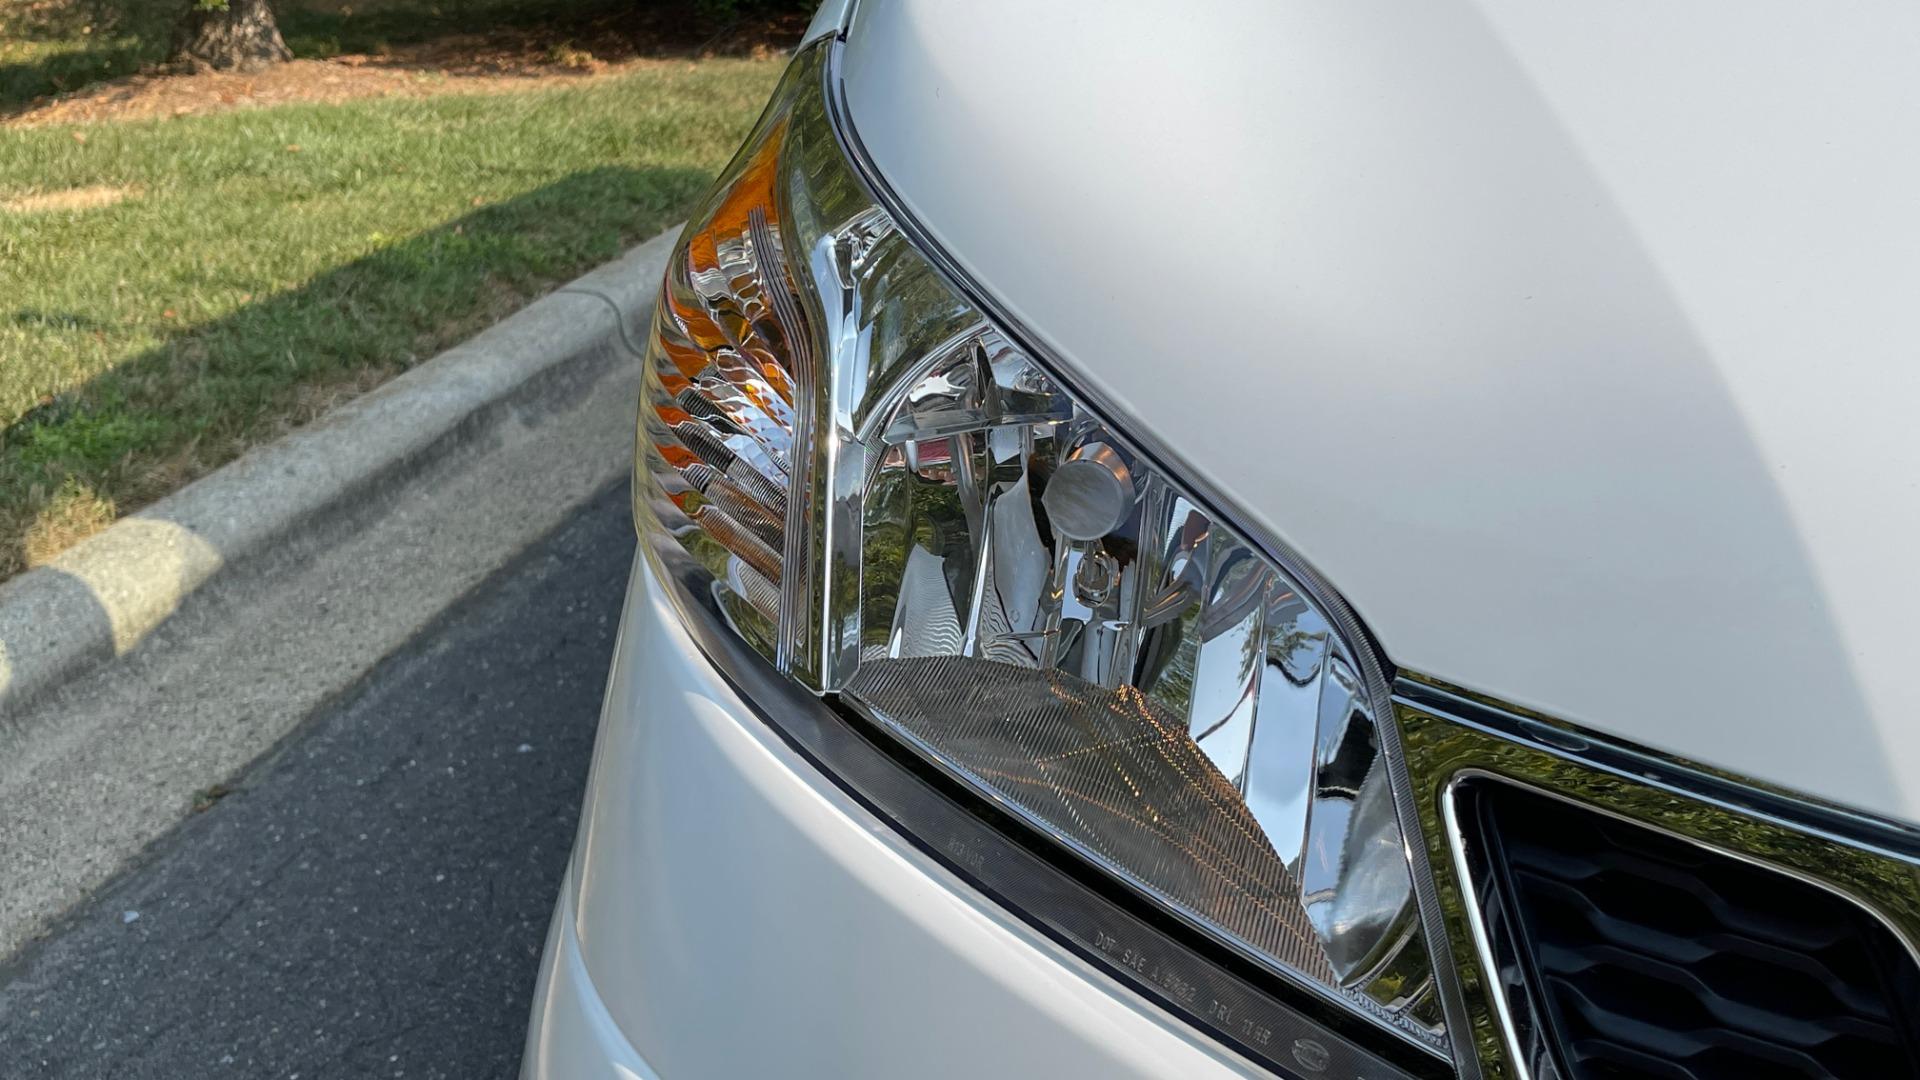 Used 2016 Nissan NV200 SV / WORK VAN / EXT APPEARNACE PKG / SPLASH GUARDS for sale $15,400 at Formula Imports in Charlotte NC 28227 5